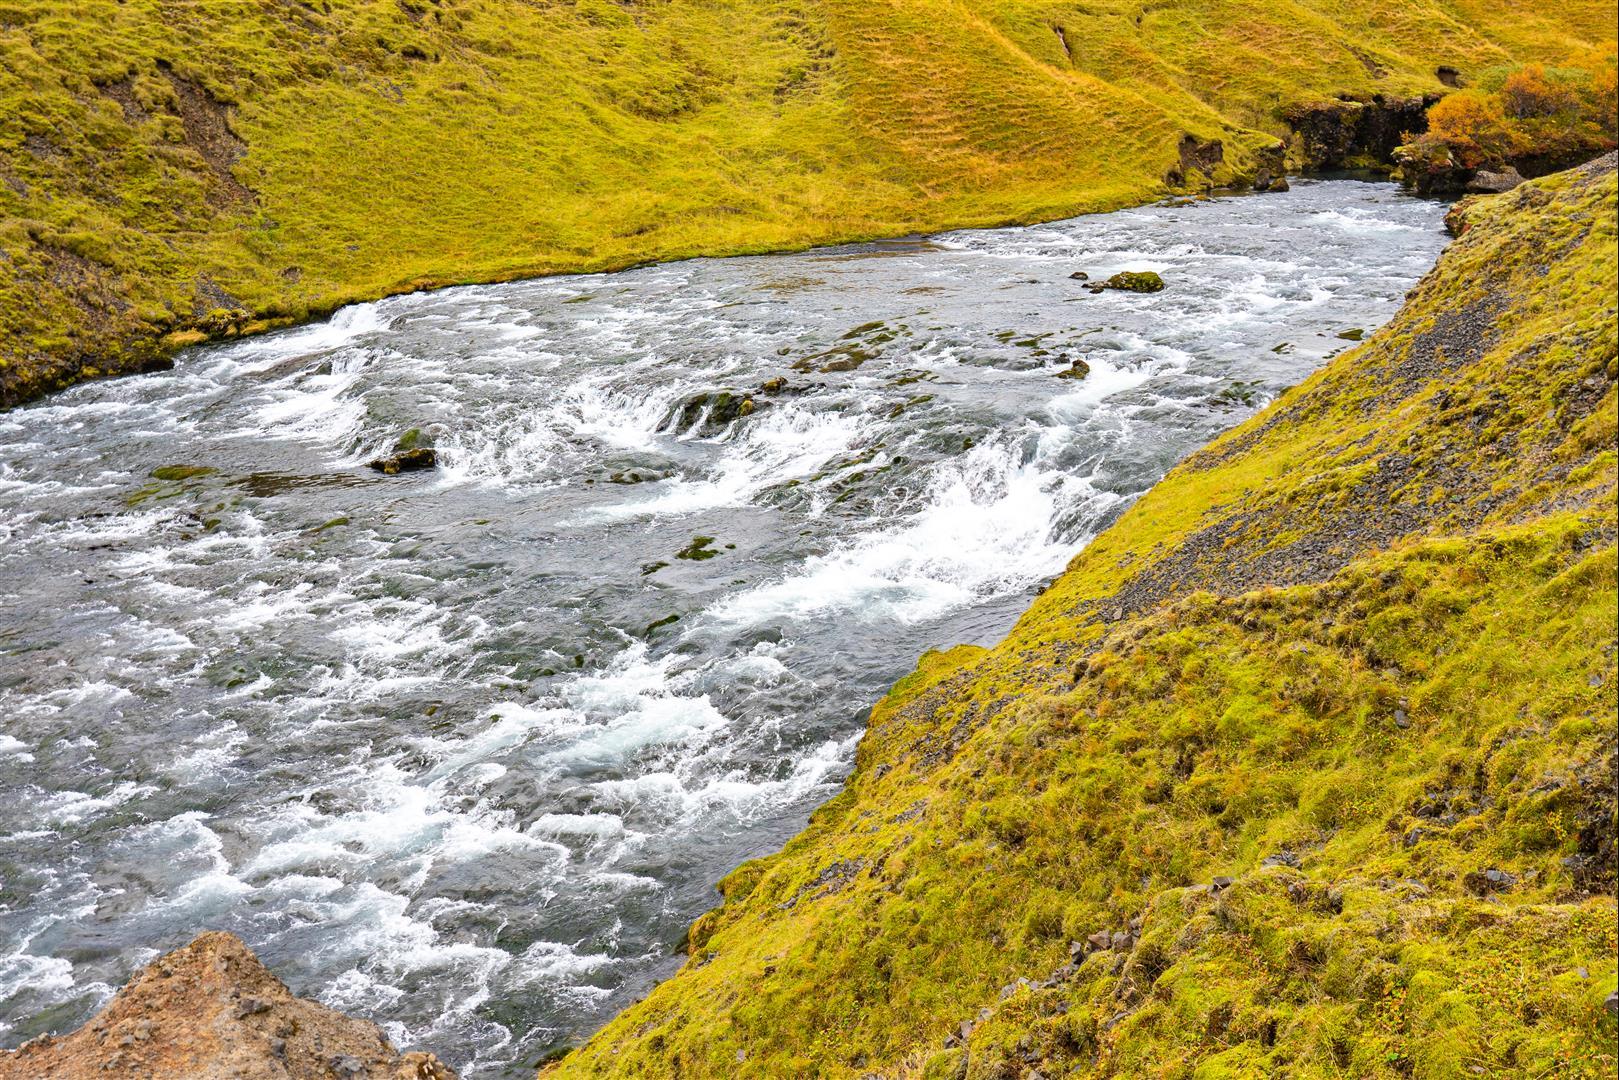 斯科加瀑布 Skogafoss